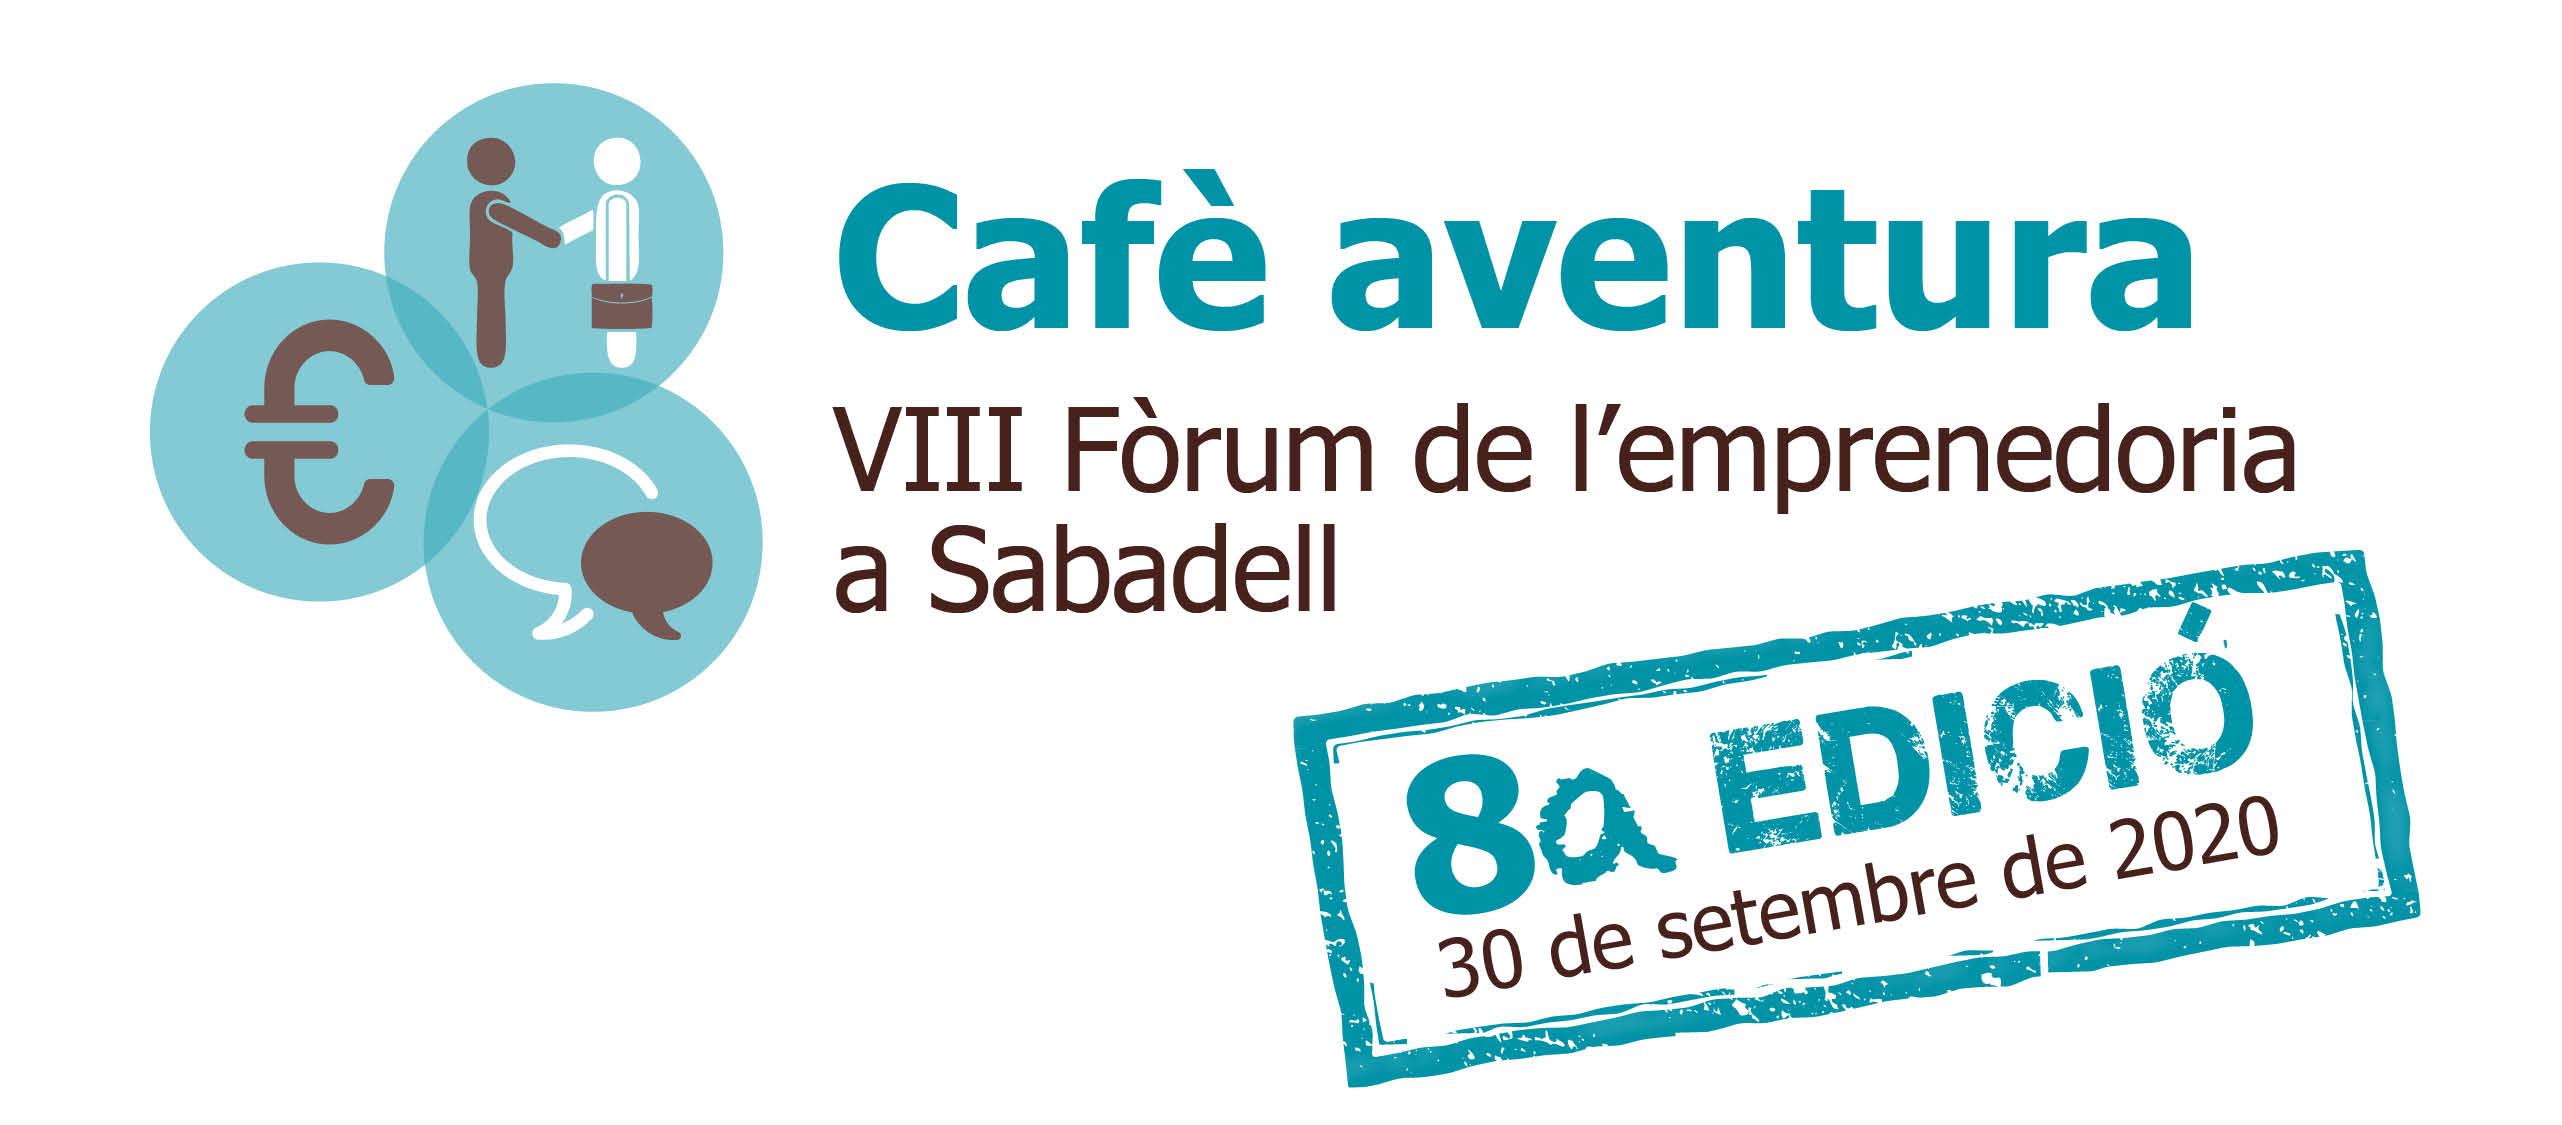 El Cafè Aventura: VIII Fòrum d'Emprenedoria a Sabadell se celebrarà de forma telemàtica el 30 de setembre